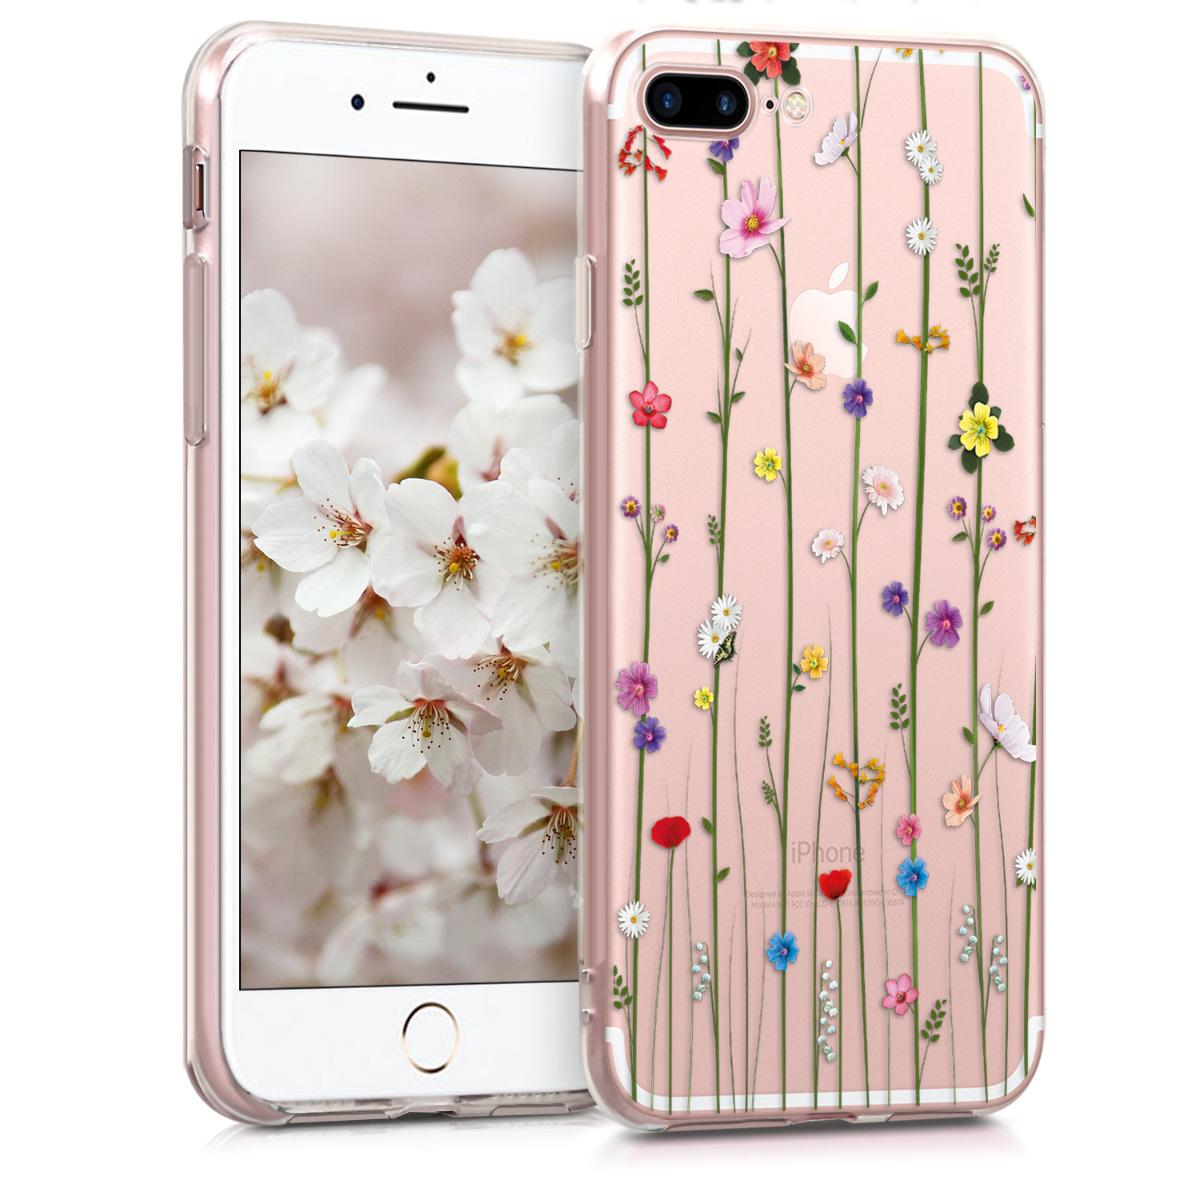 KW Θήκη Σιλικόνης iPhone 7 Plus / 8 Plus - Multicolor / Transparent (45352.11)